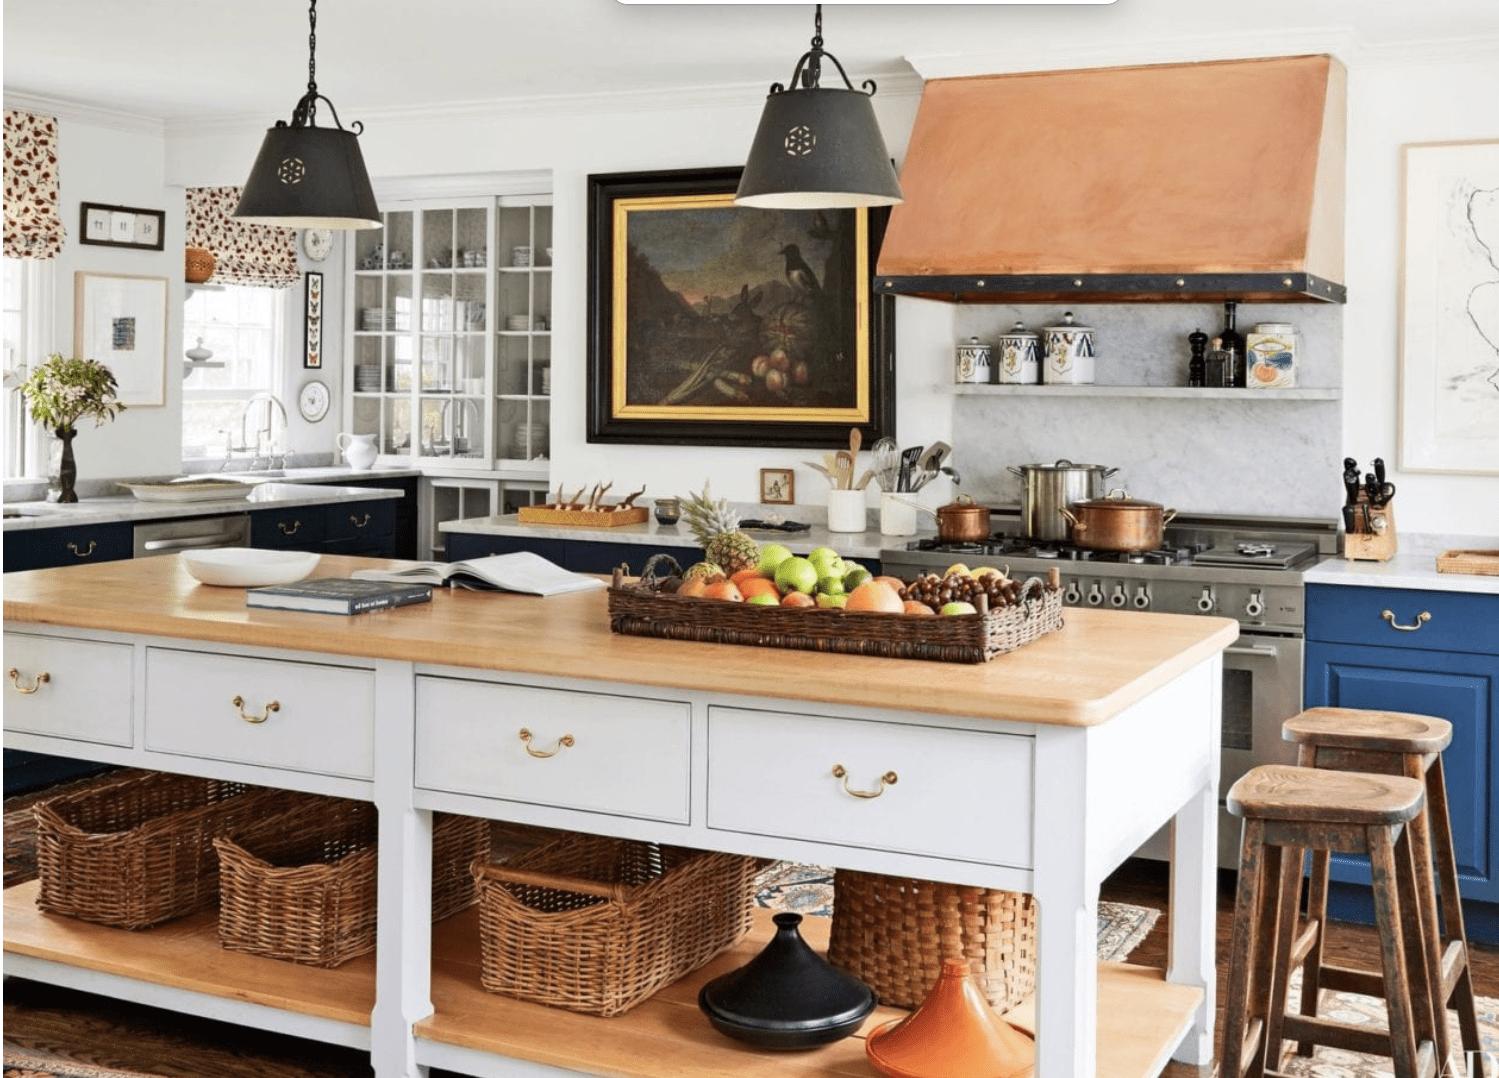 sachs lindores kitchen